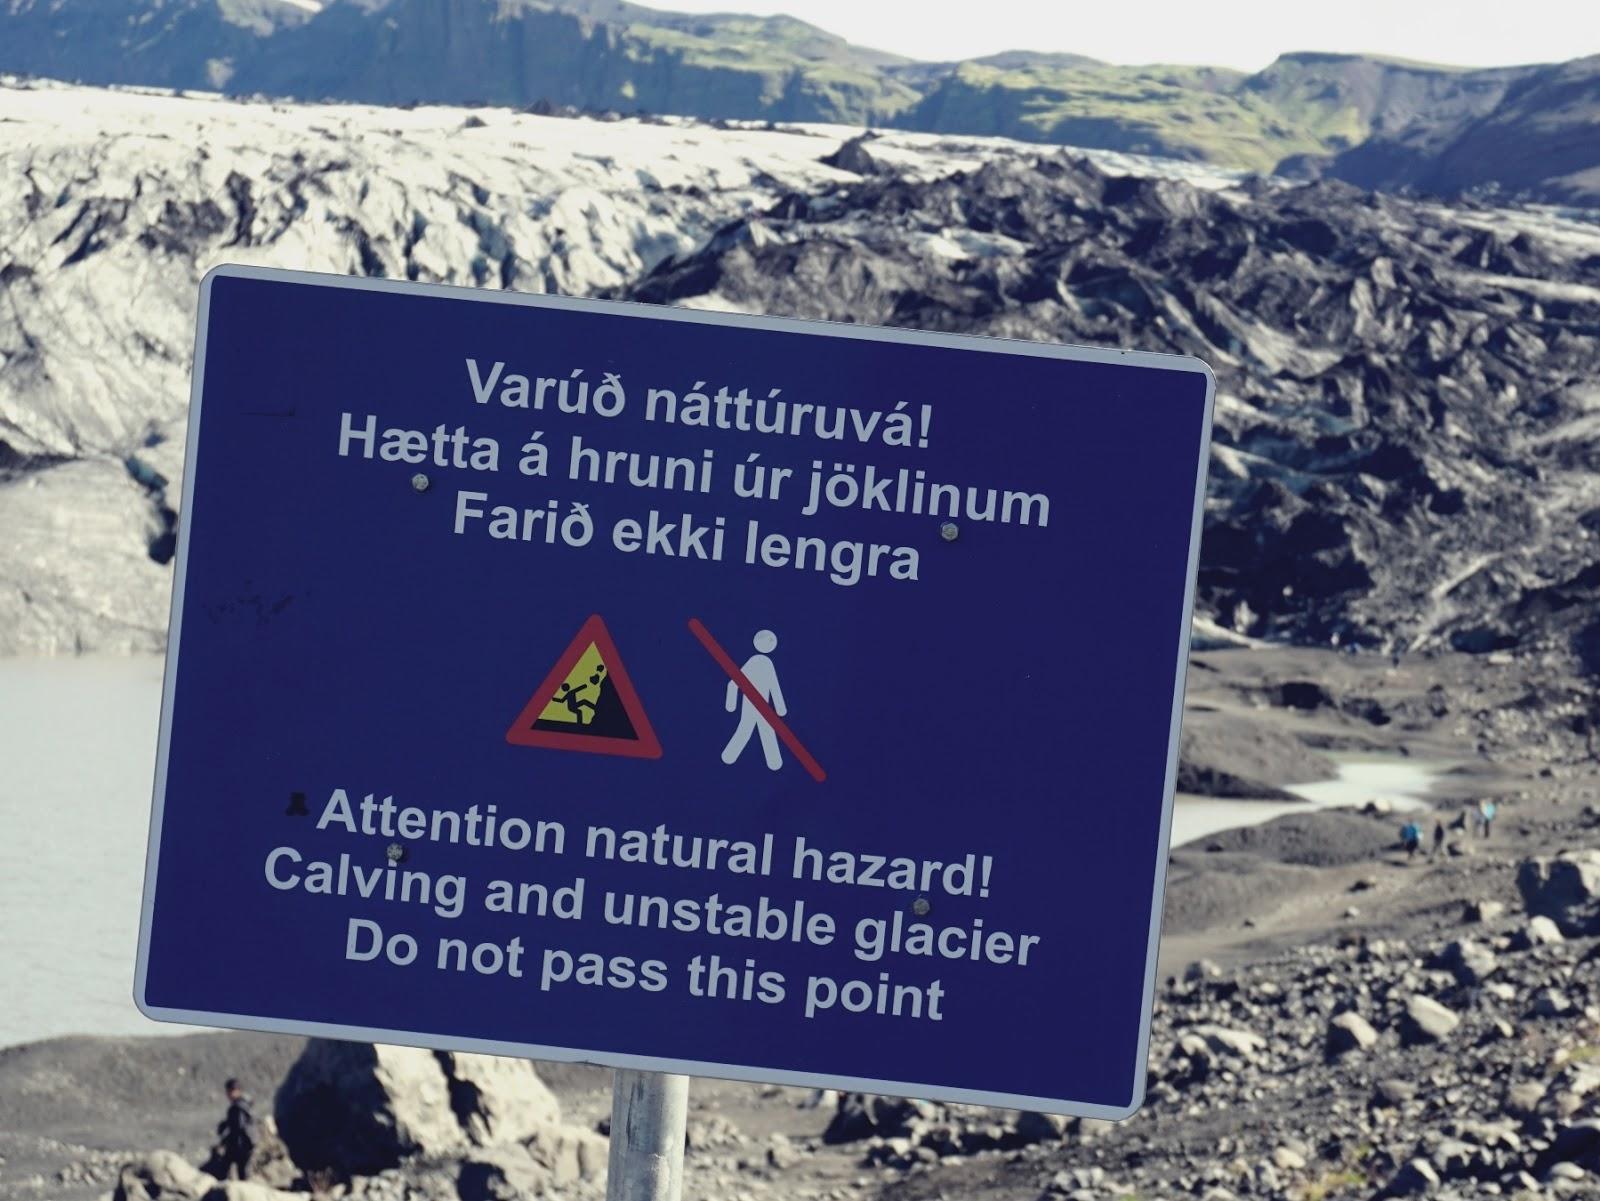 znak ostrzegawczy, Lodowiec Solheimajokull, lodowiec, Myrdalsjokull, Islandia, południowa Islandia, zwiedzanie Islandii, panidorcia, Pani Dorcia blog, blog o Islandii, co zwiedzić w Islandii